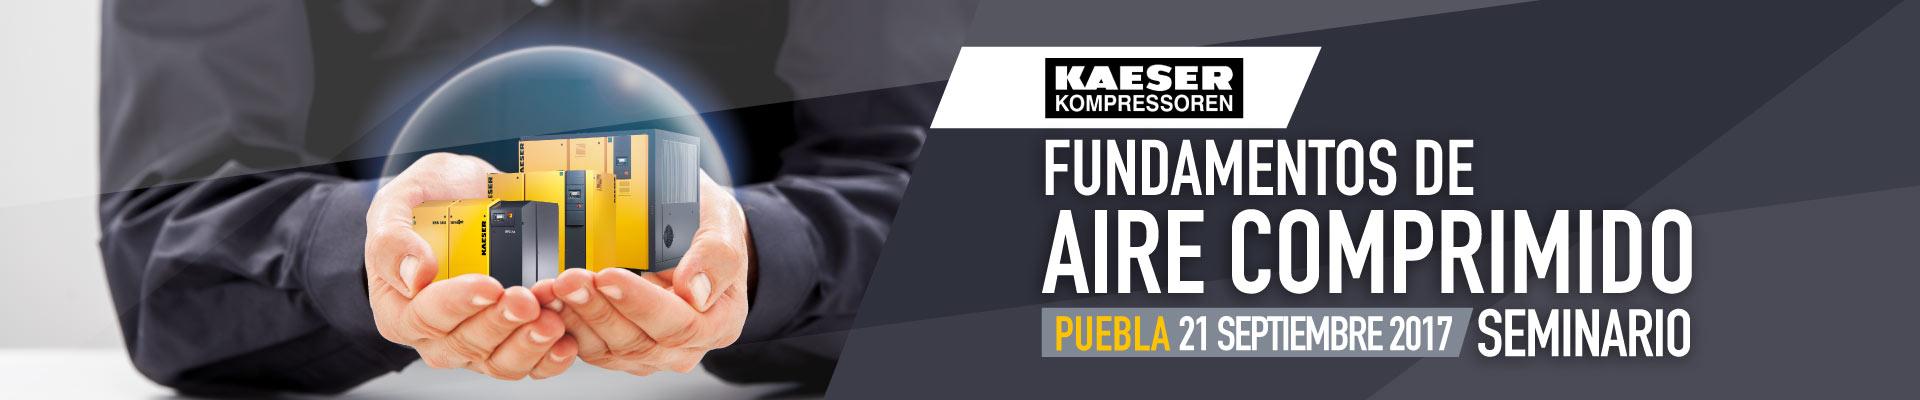 invitacion-yunfer-seminario-kaeser-fundamentos-aire-comprimido-puebla-septiembre-2017